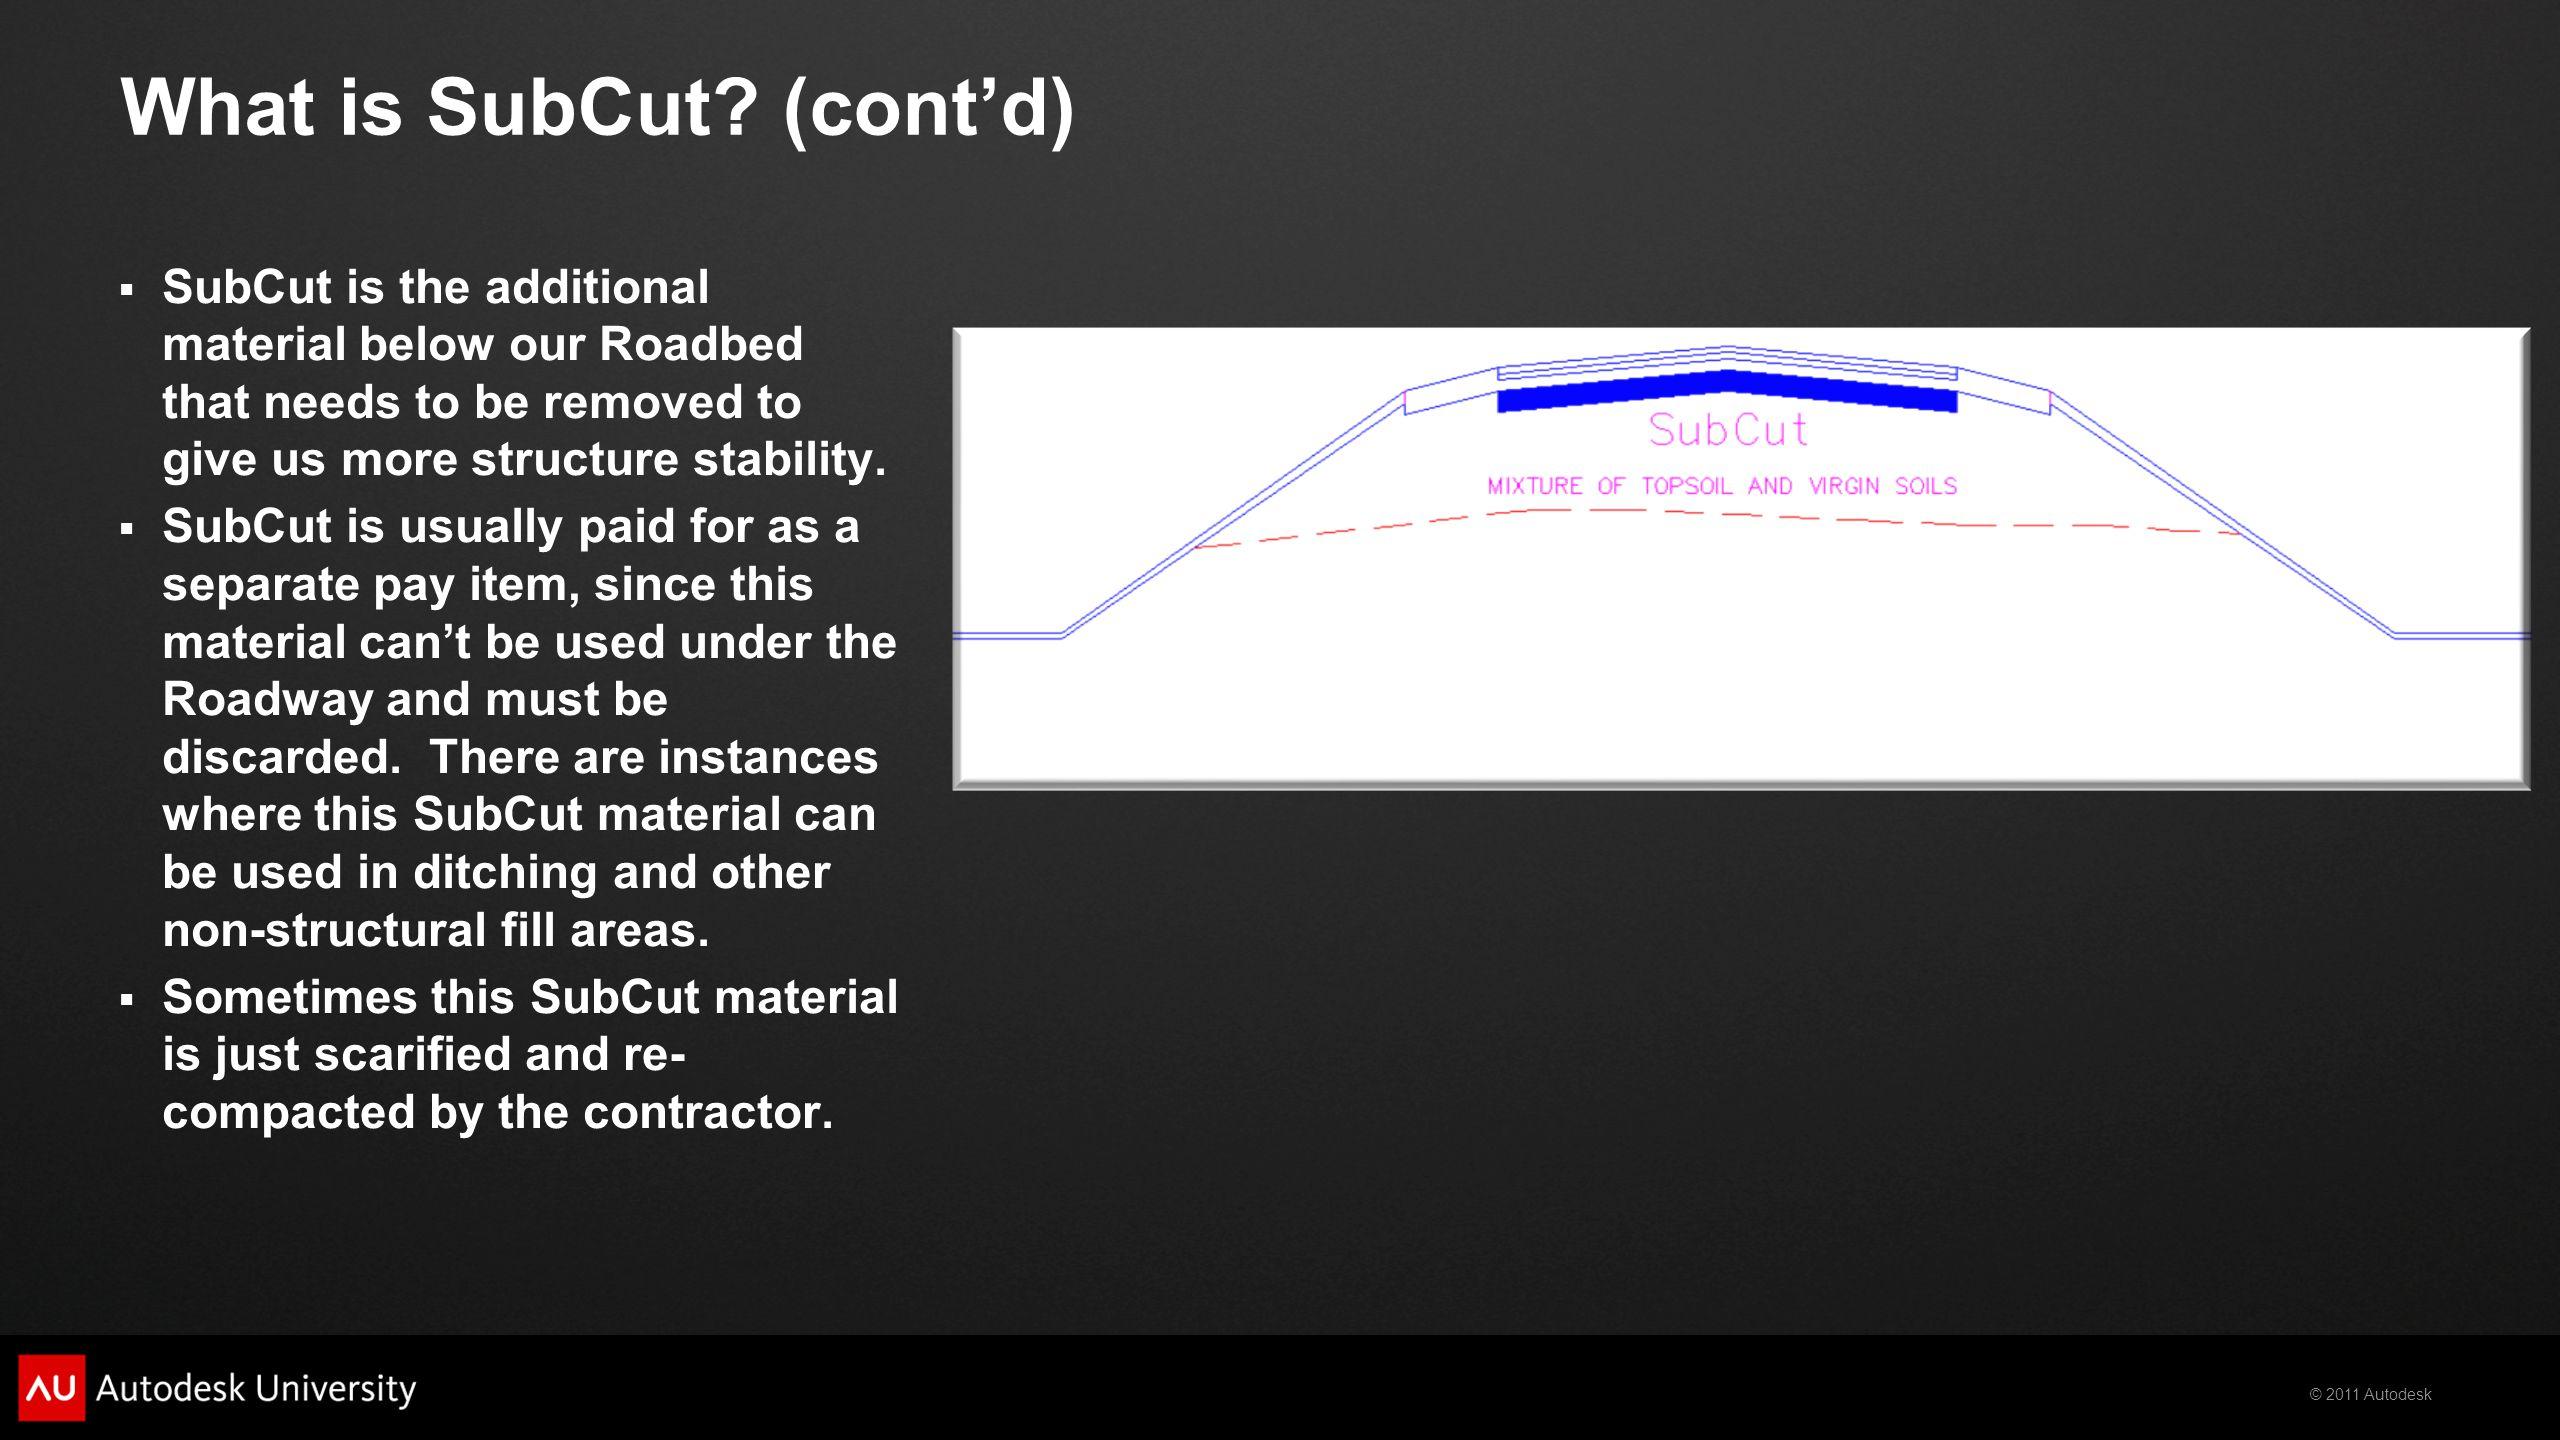 What is SubCut (cont'd)